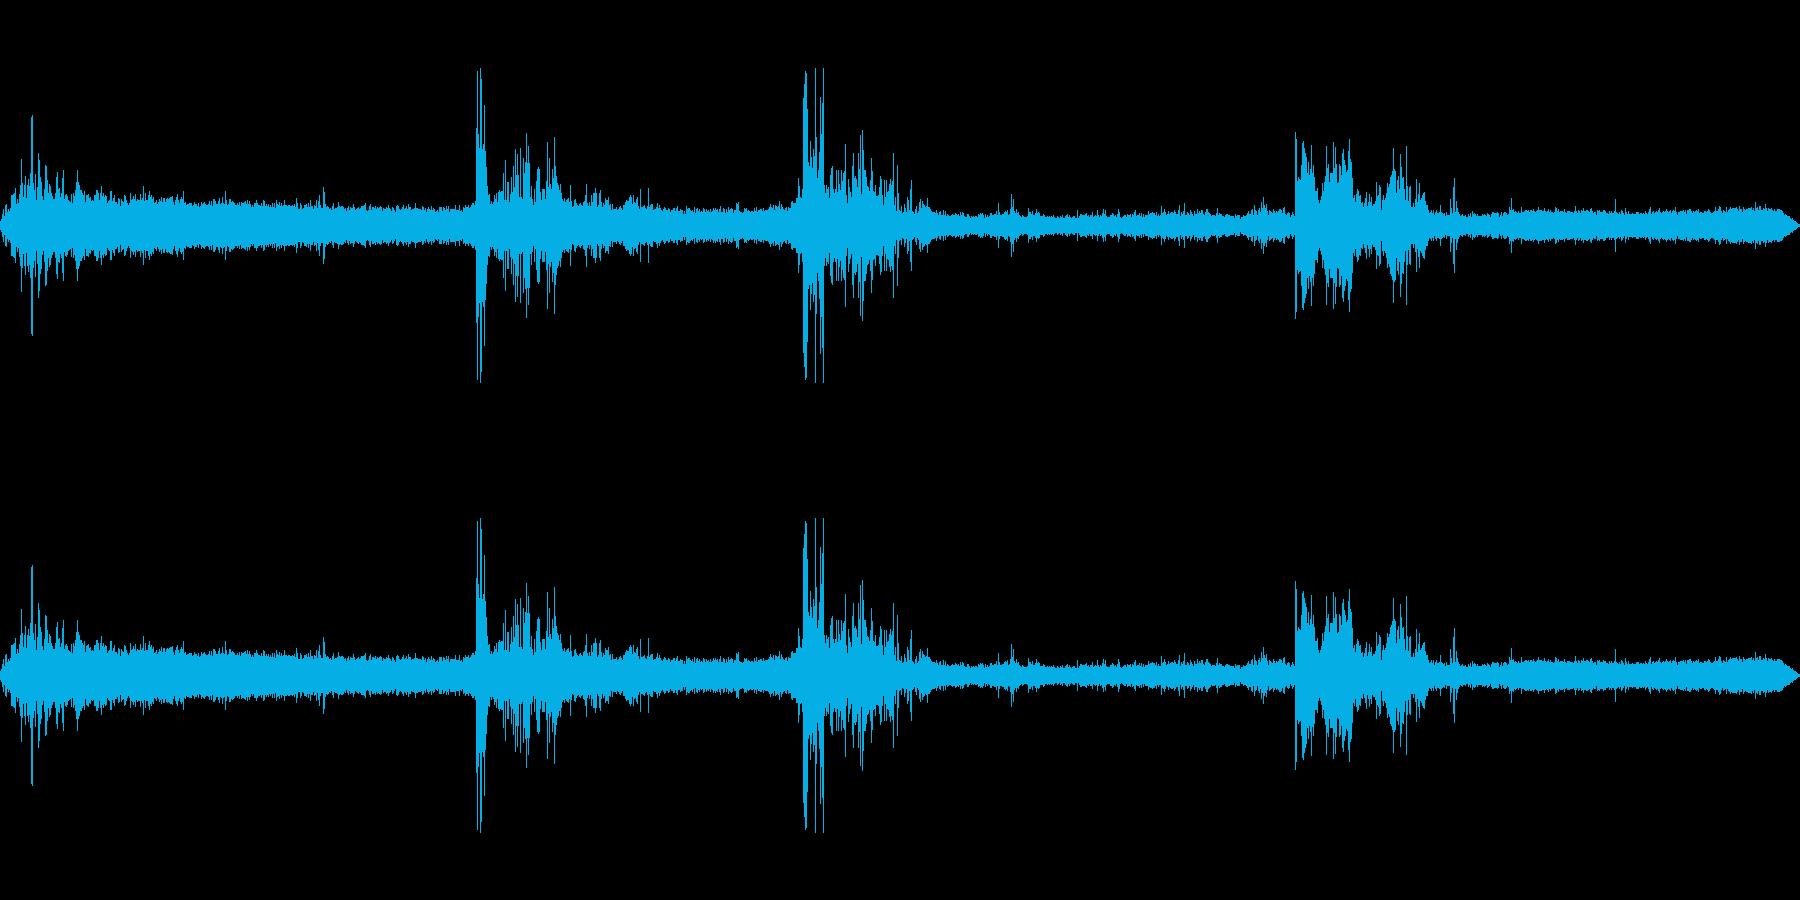 ザーザーゴロゴロの再生済みの波形